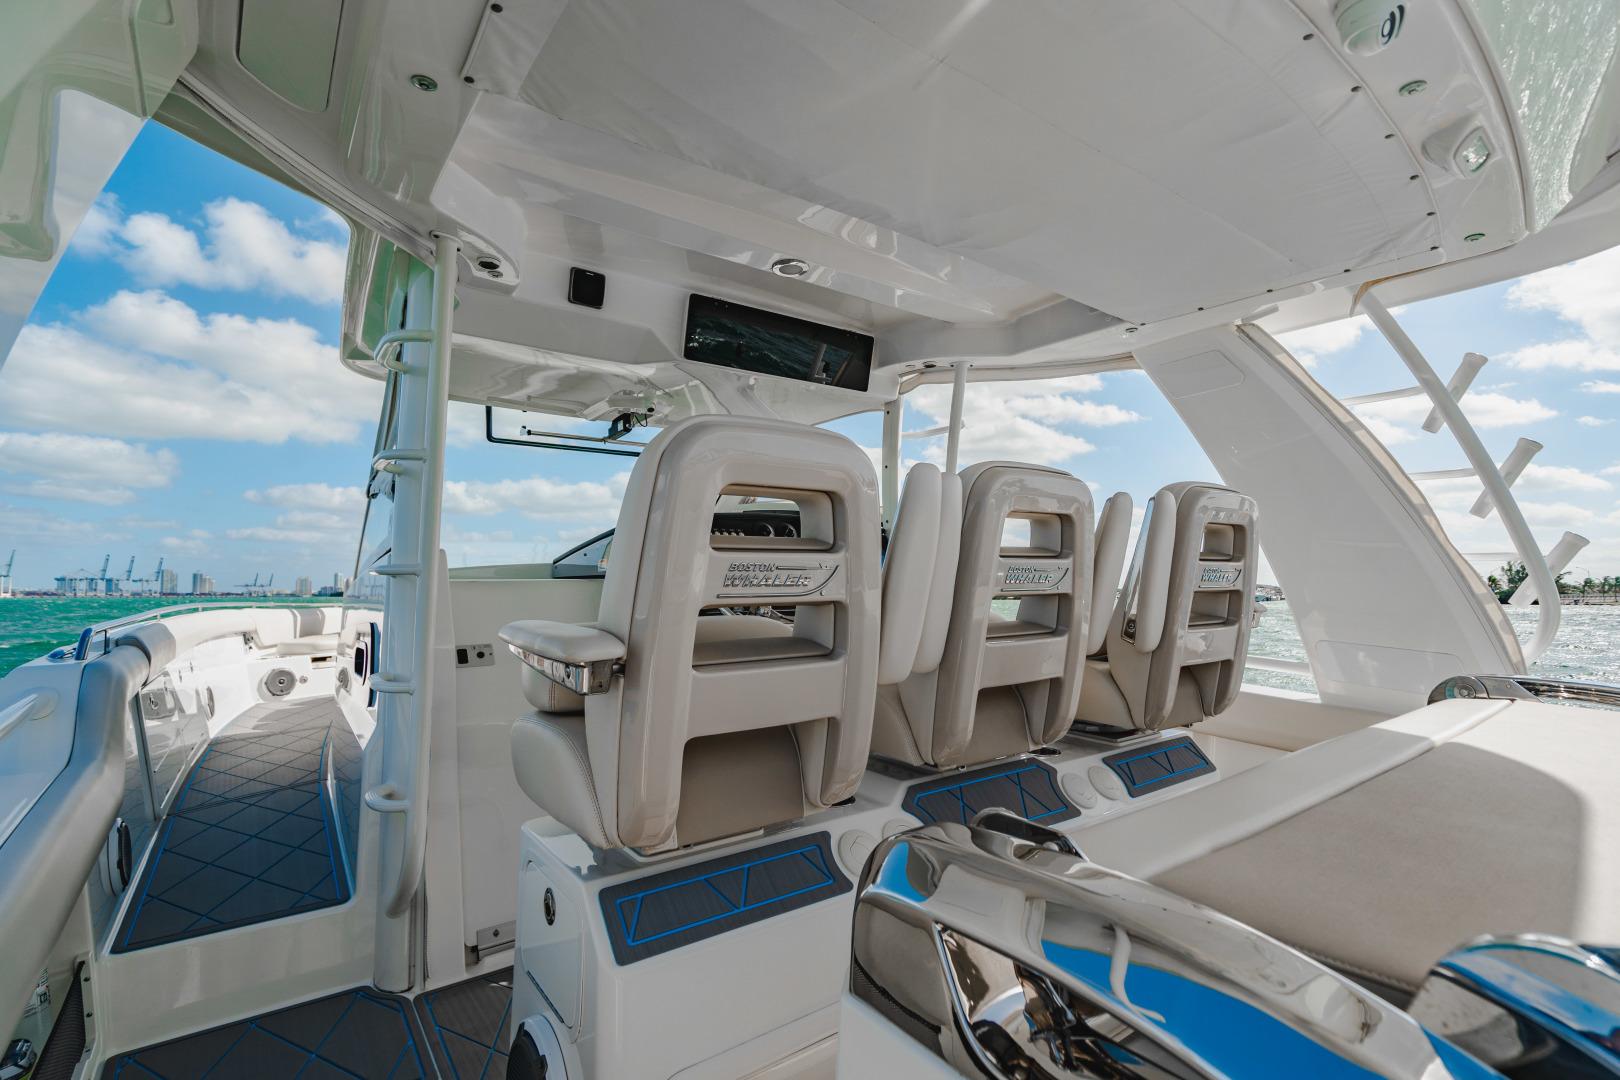 Boston Whaler-Outrage 2016-Sea Duction Miami Beach -Florida-United States-1557402 | Thumbnail